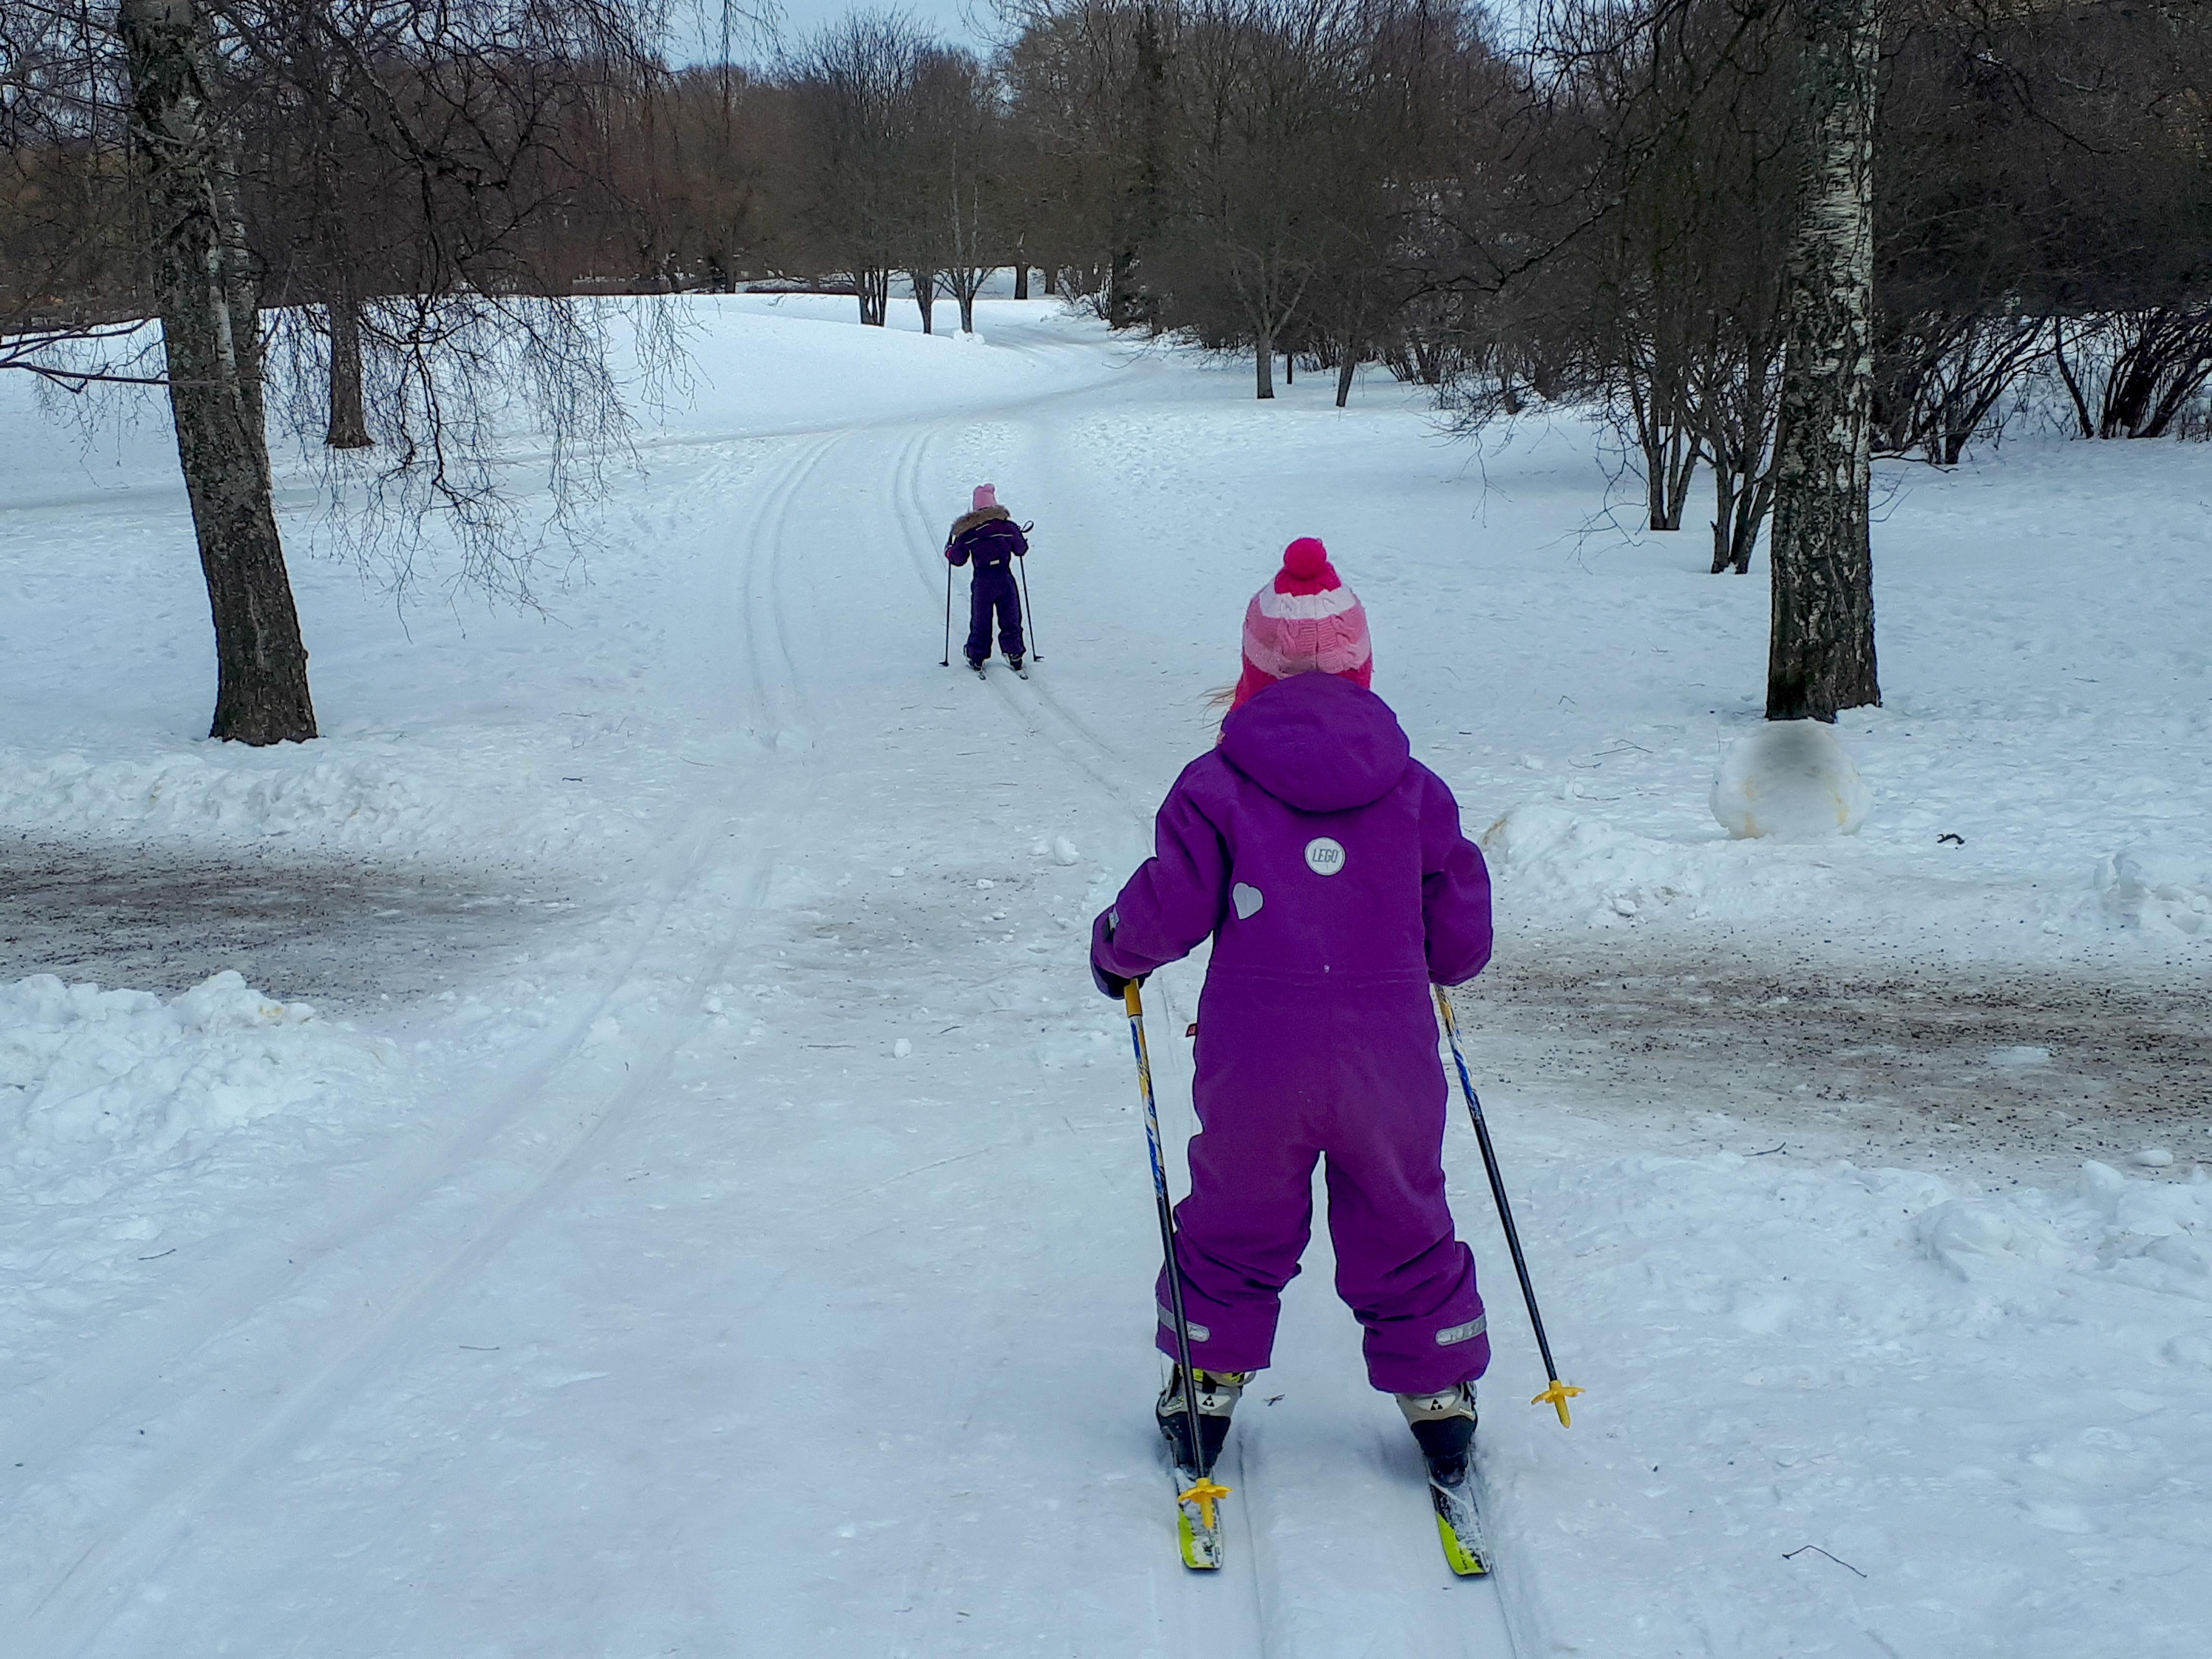 Skiing in Lauttasaari